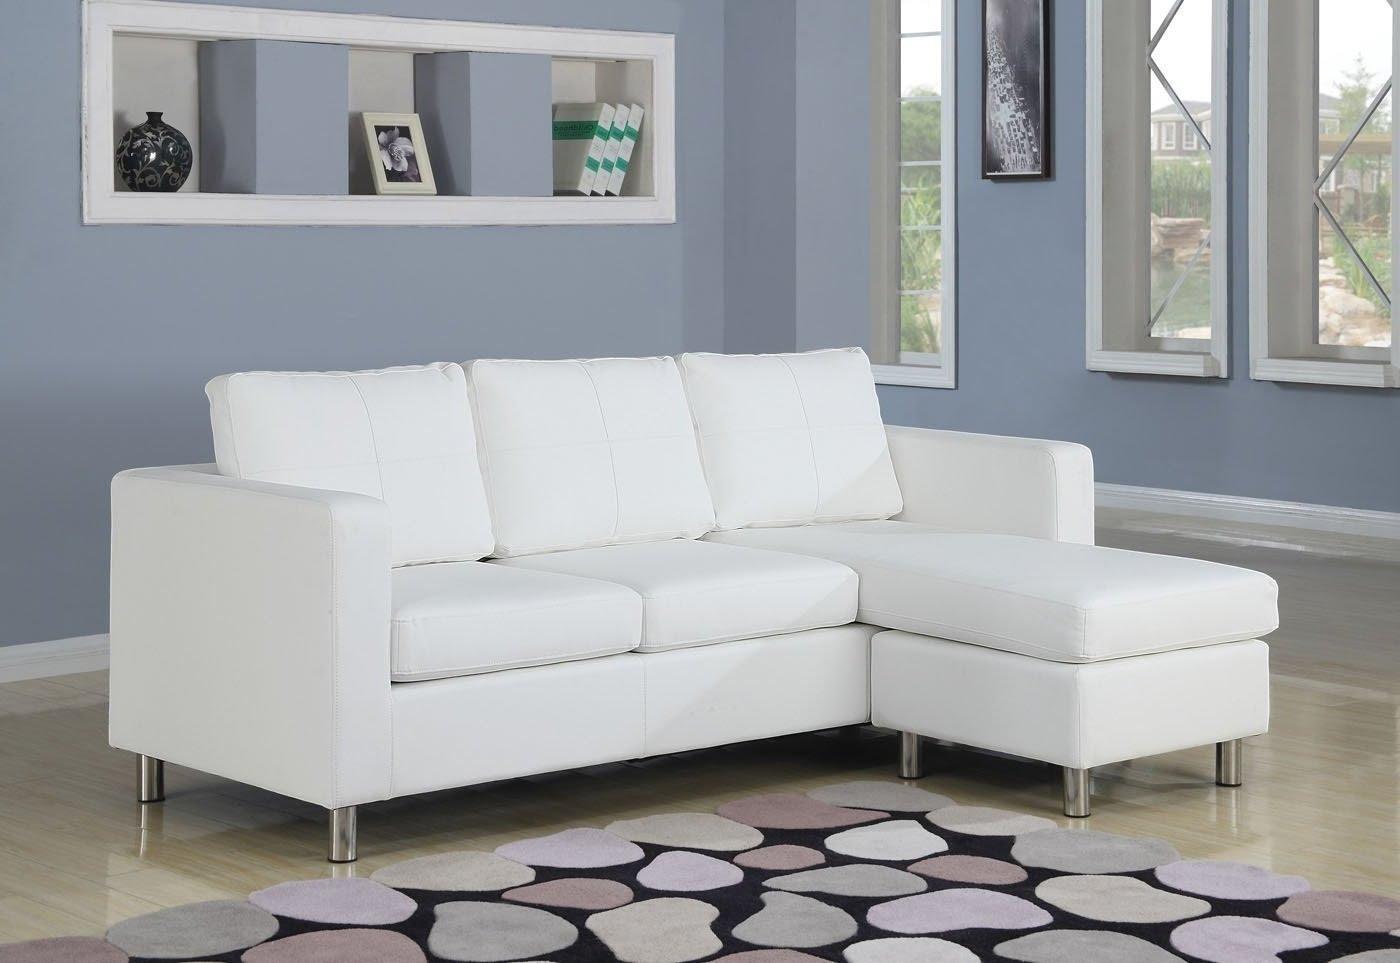 sofa sleeper san francisco rooms to go 20 photos sofas diego ideas